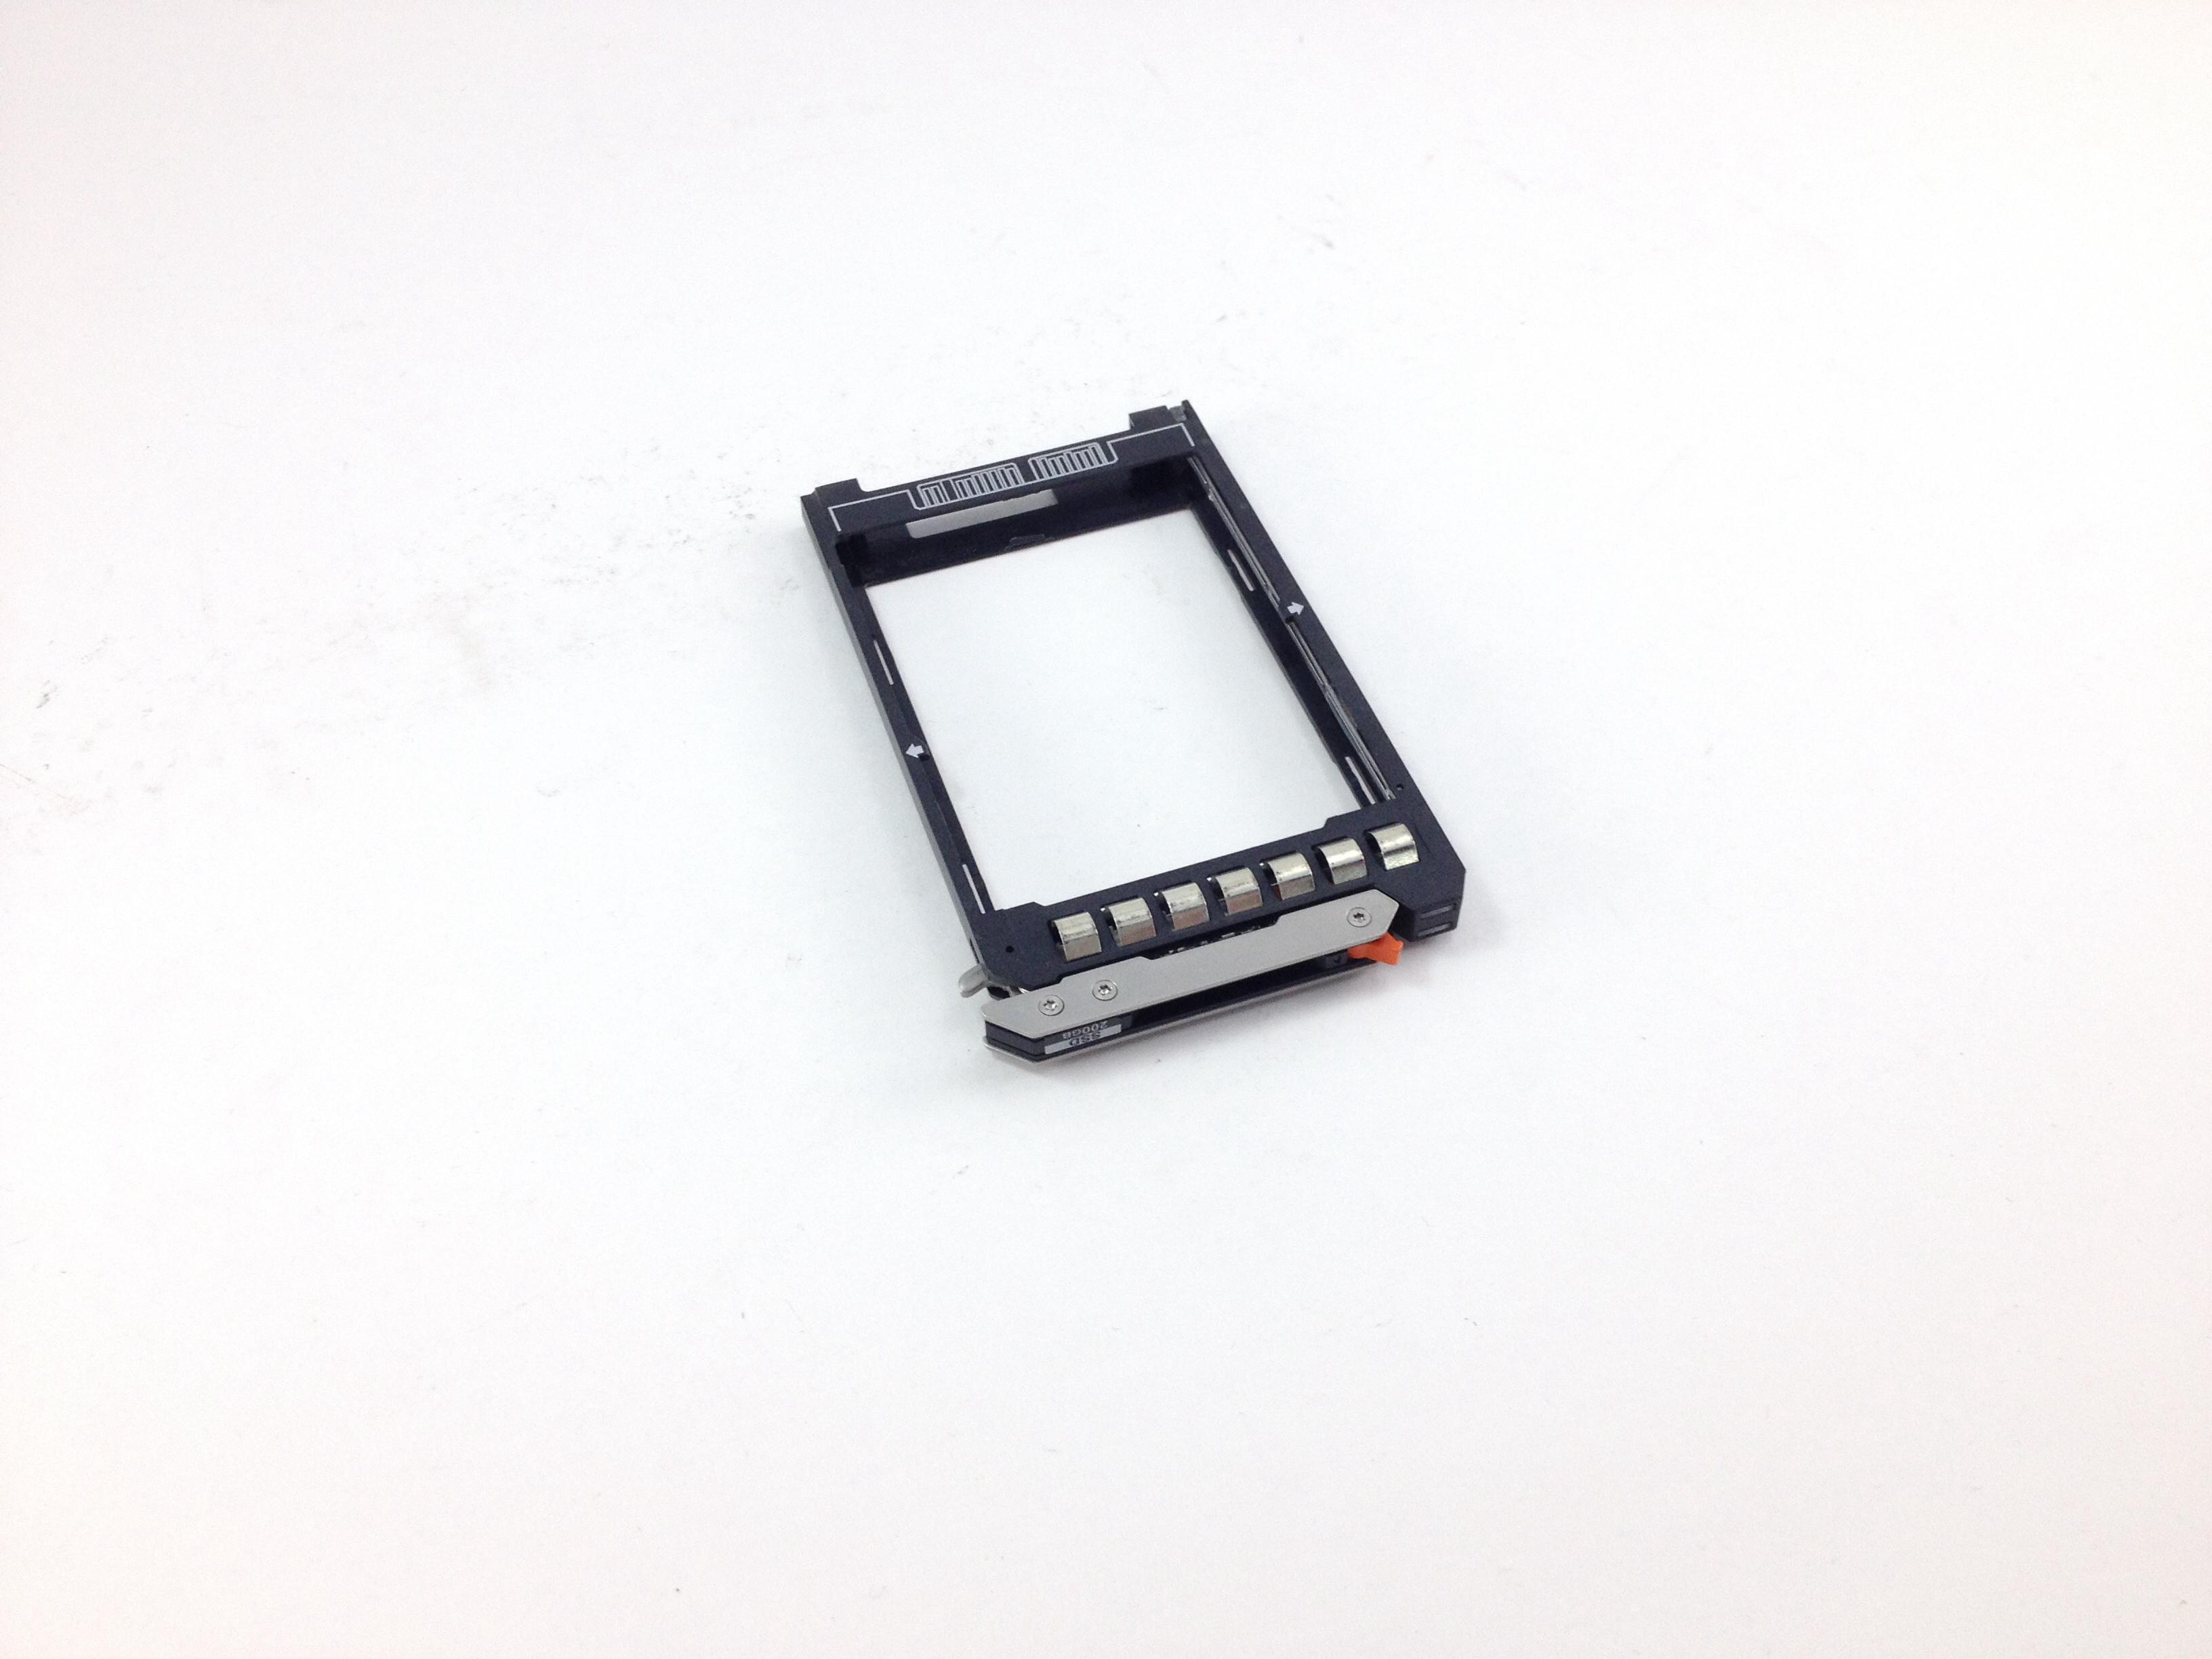 Dell PowerEdge R630/R730xd/M420 1.8'' SSD Tray Drive Caddy Bracket (JV1MV)